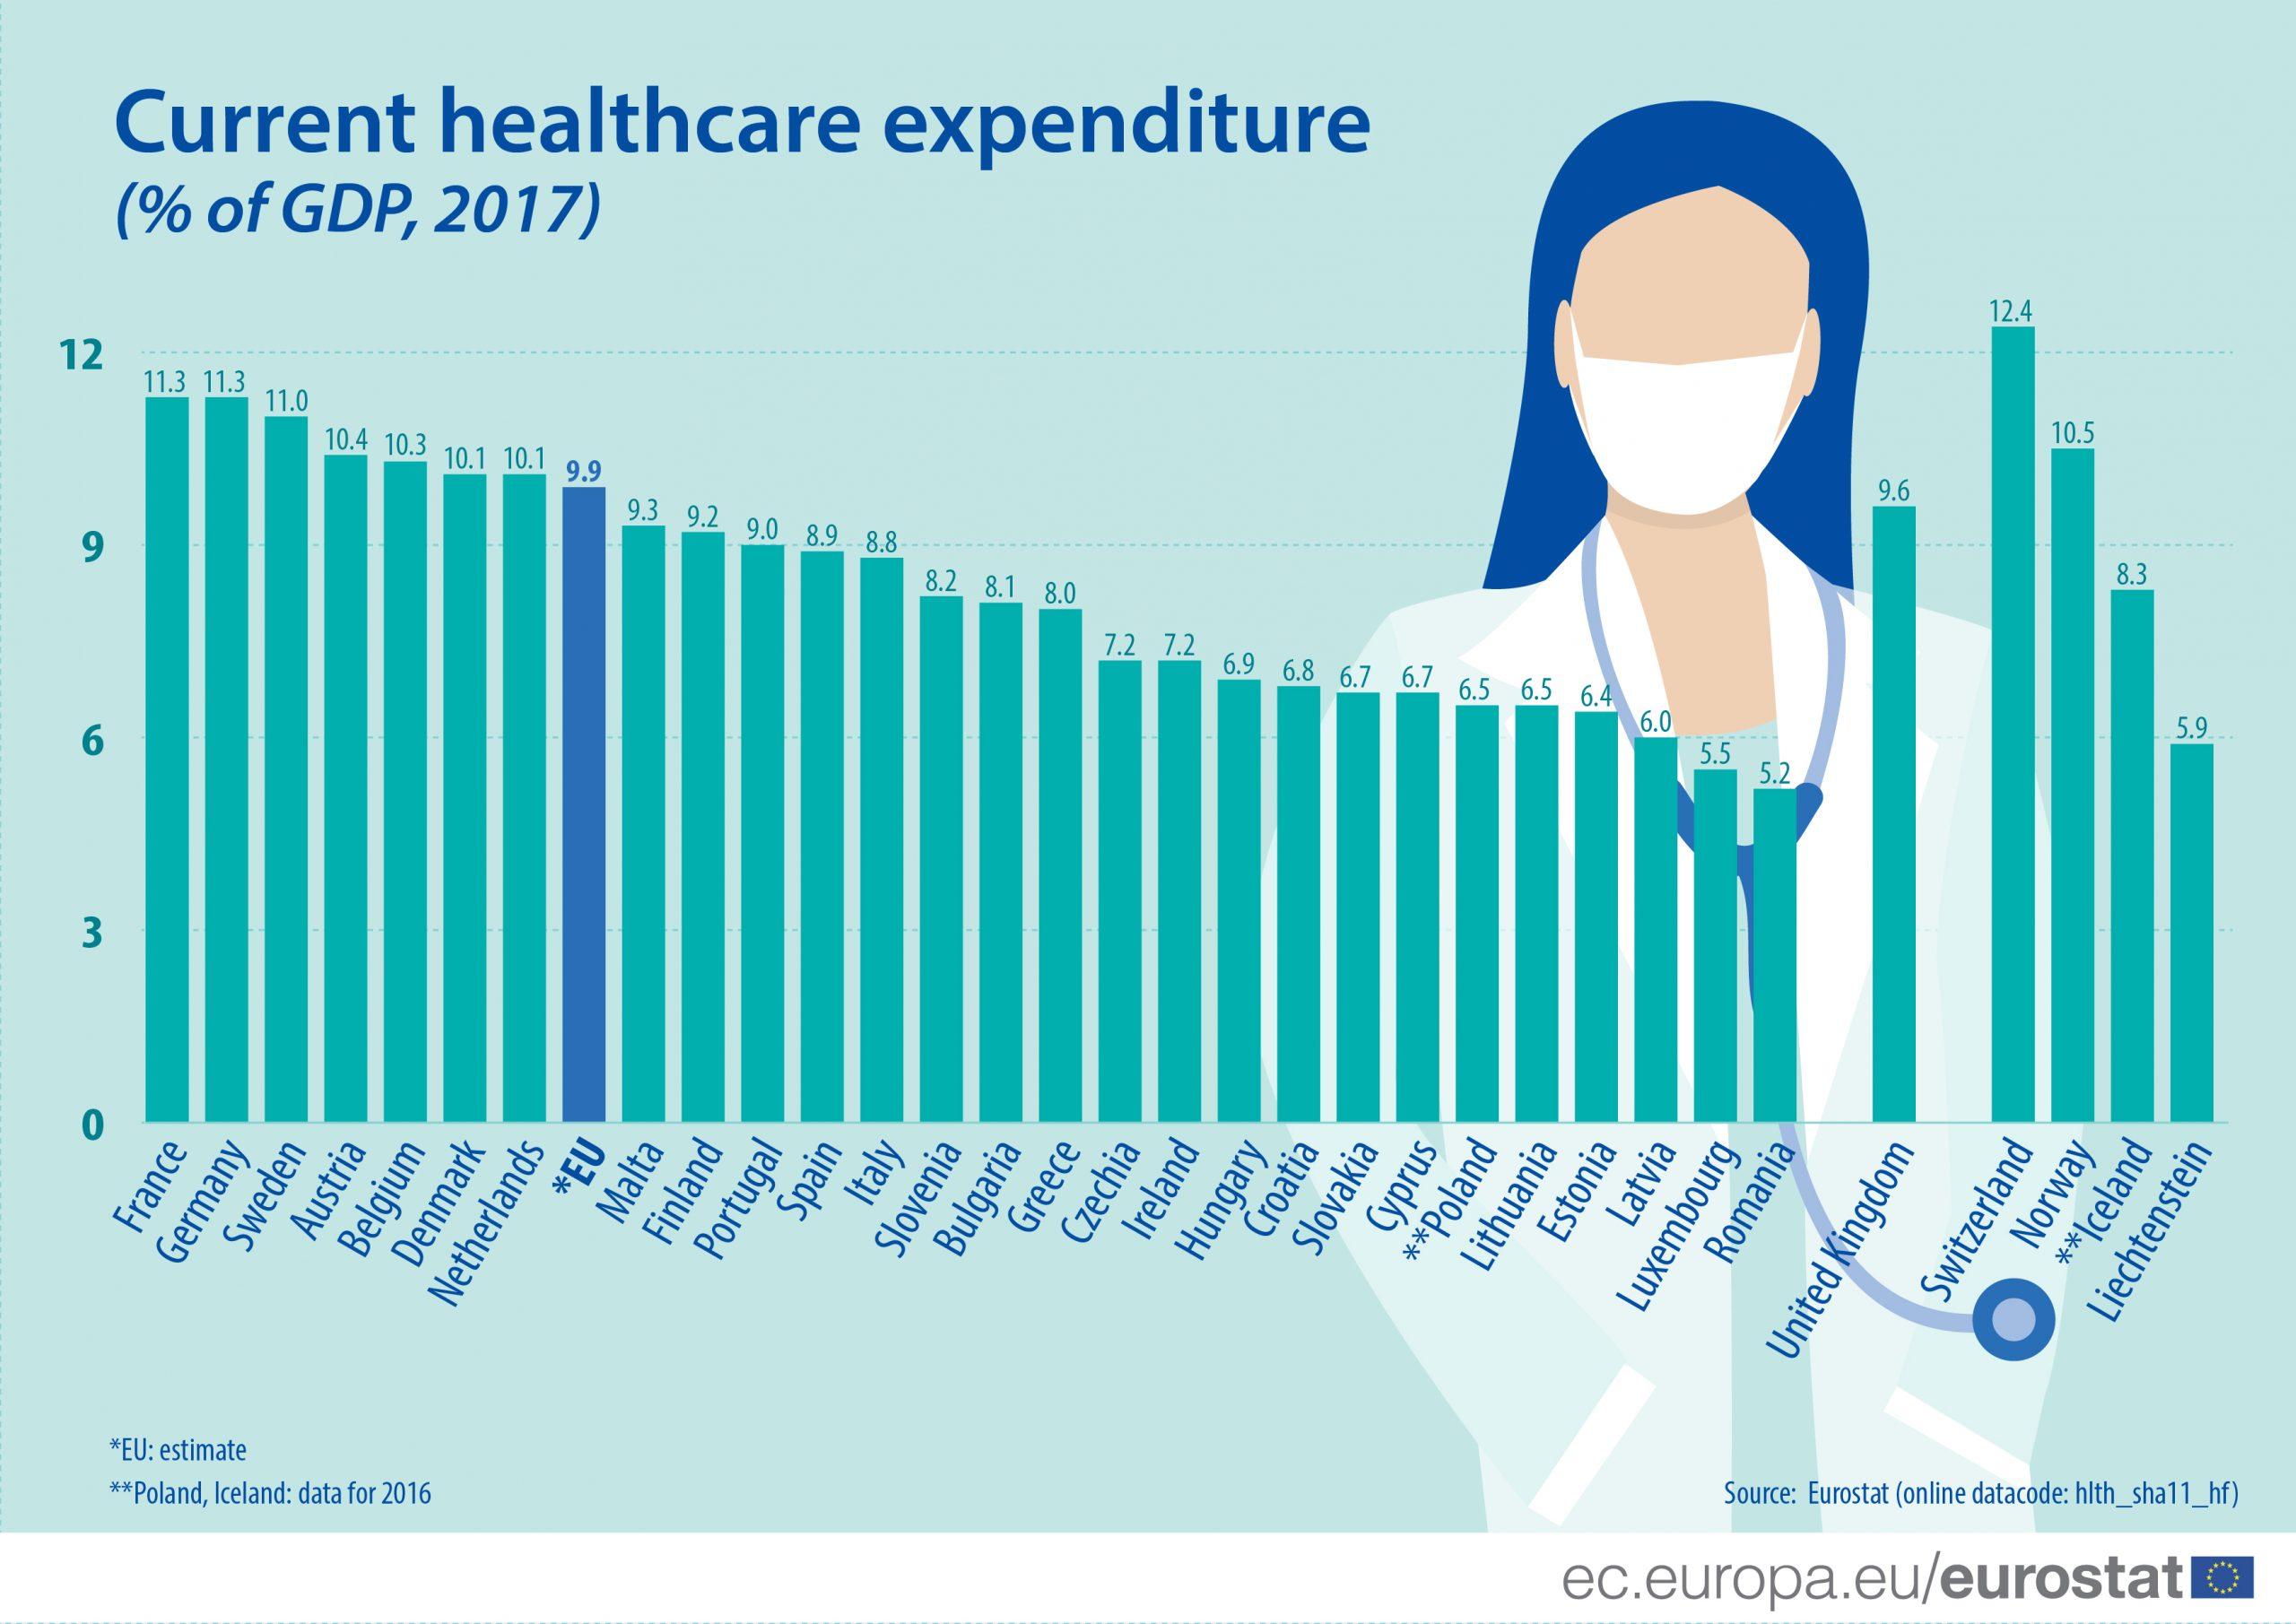 Cheltuielile cu sănătatea în România au fost în 2017 de 5,2% din PIB, faţă de o medie europeană de 9,9% din PIB